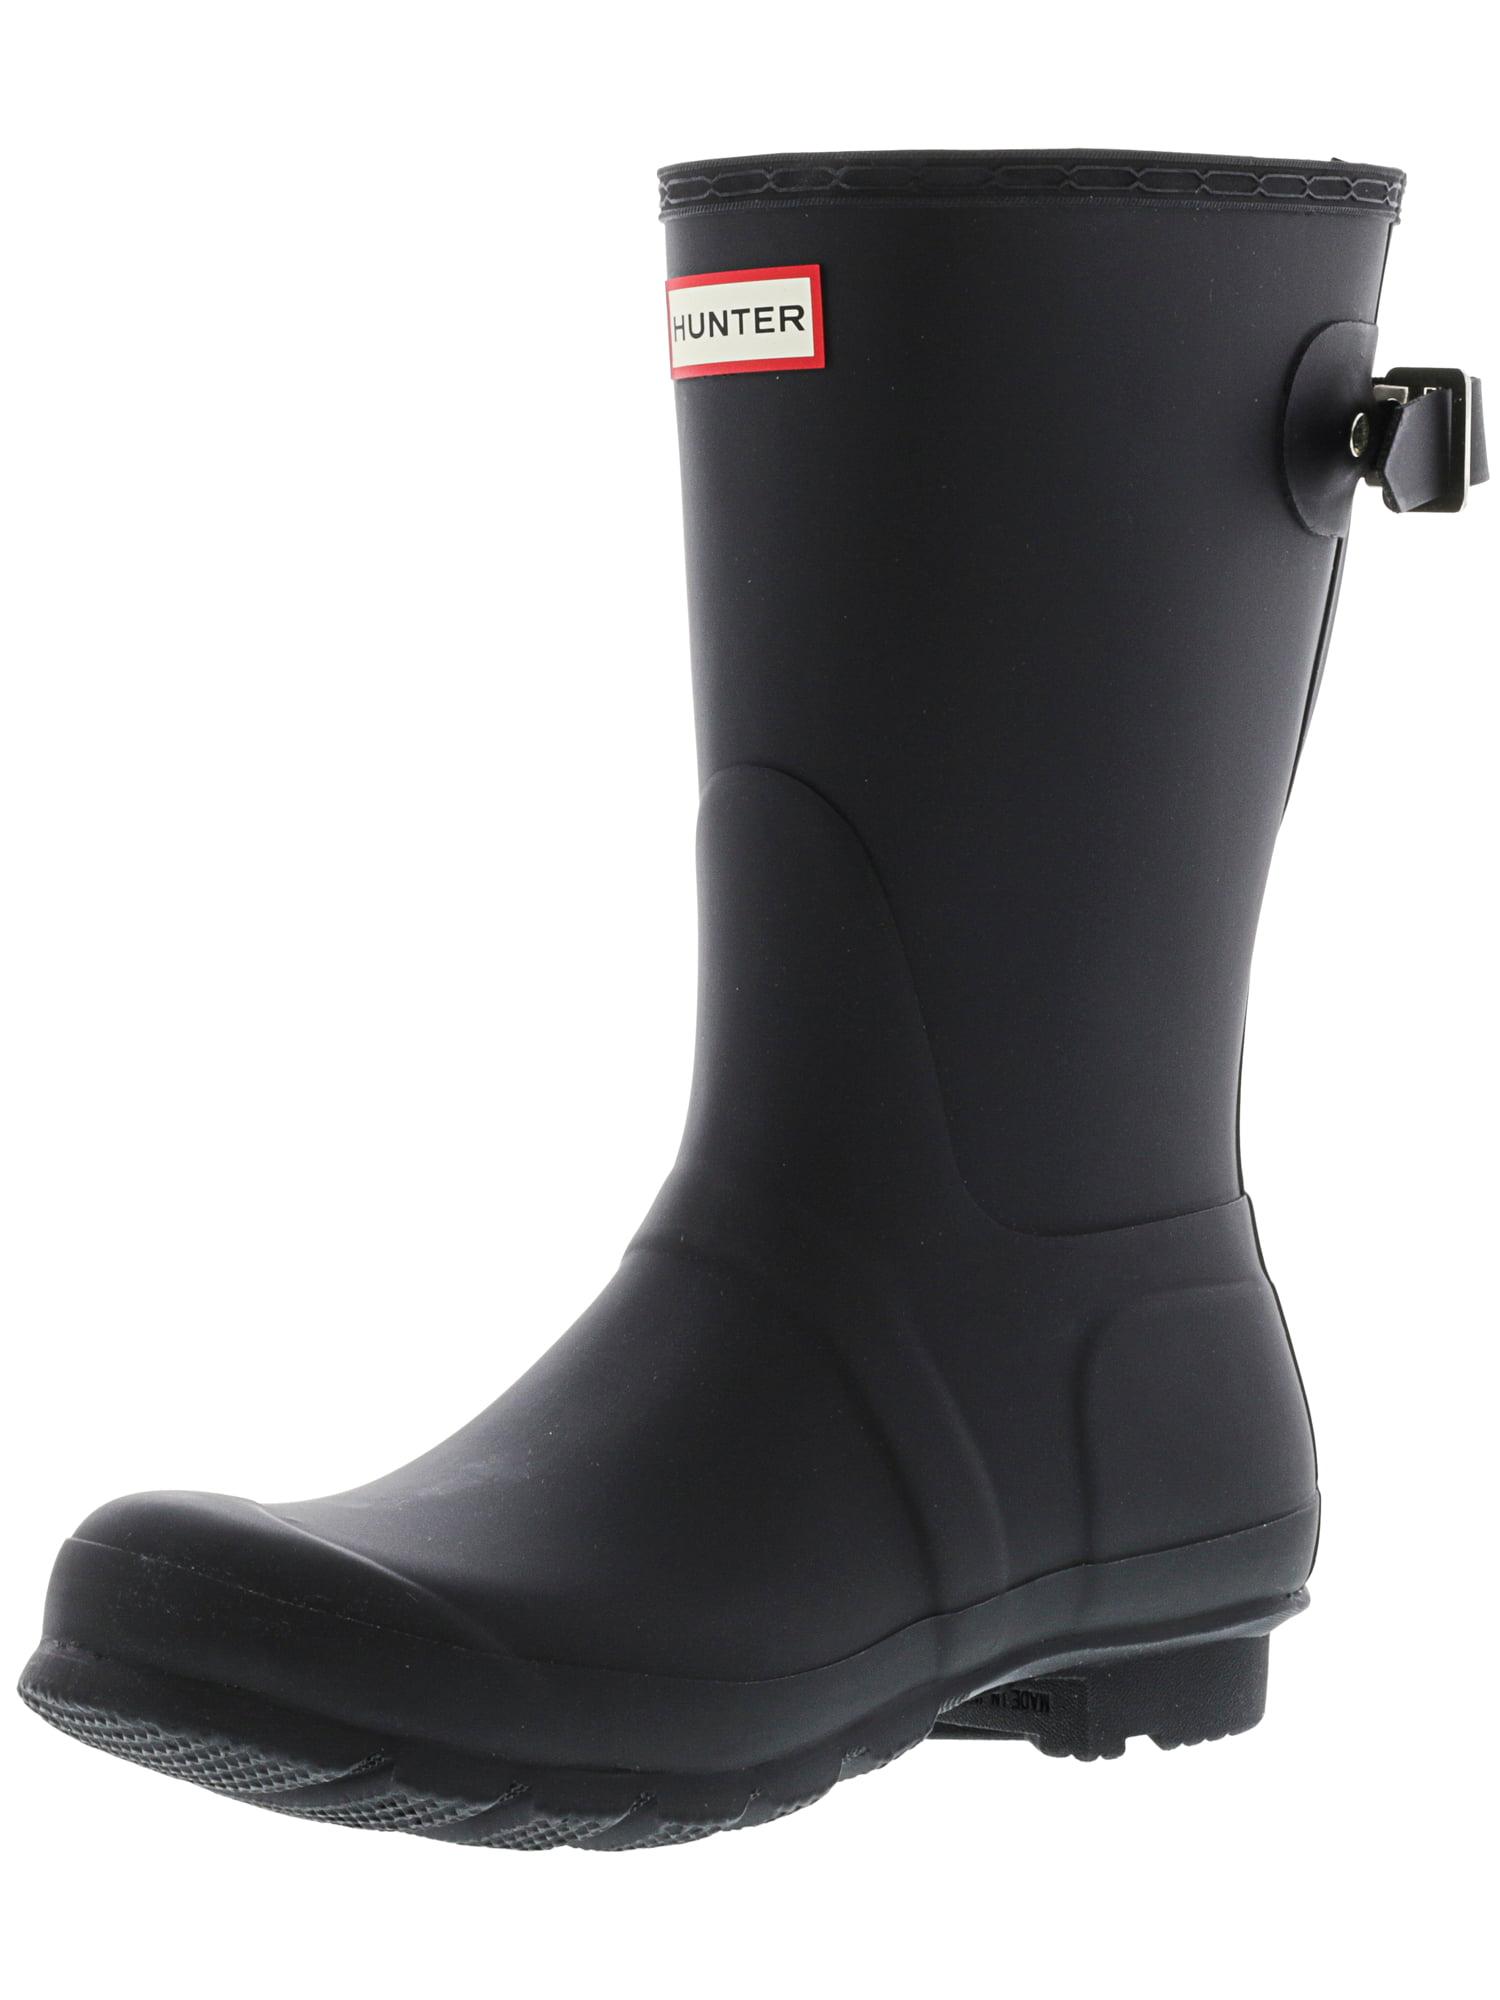 Black Mid-Calf Rubber Rain Boot - 6M